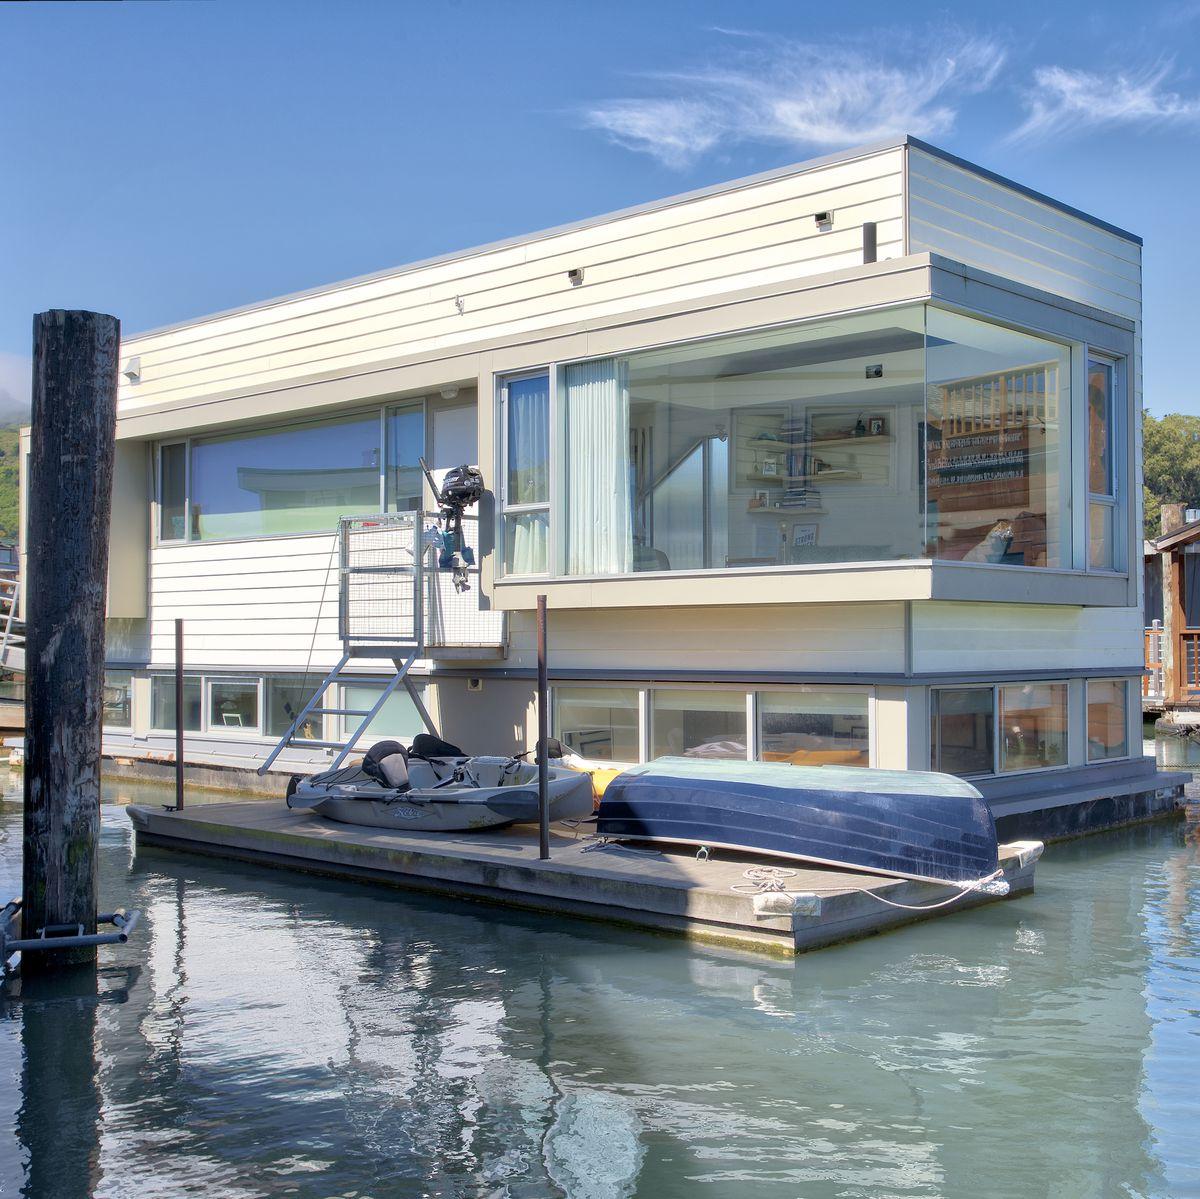 Vivez la vie maritime sur cette élégante maisons flottantes à Sausalito